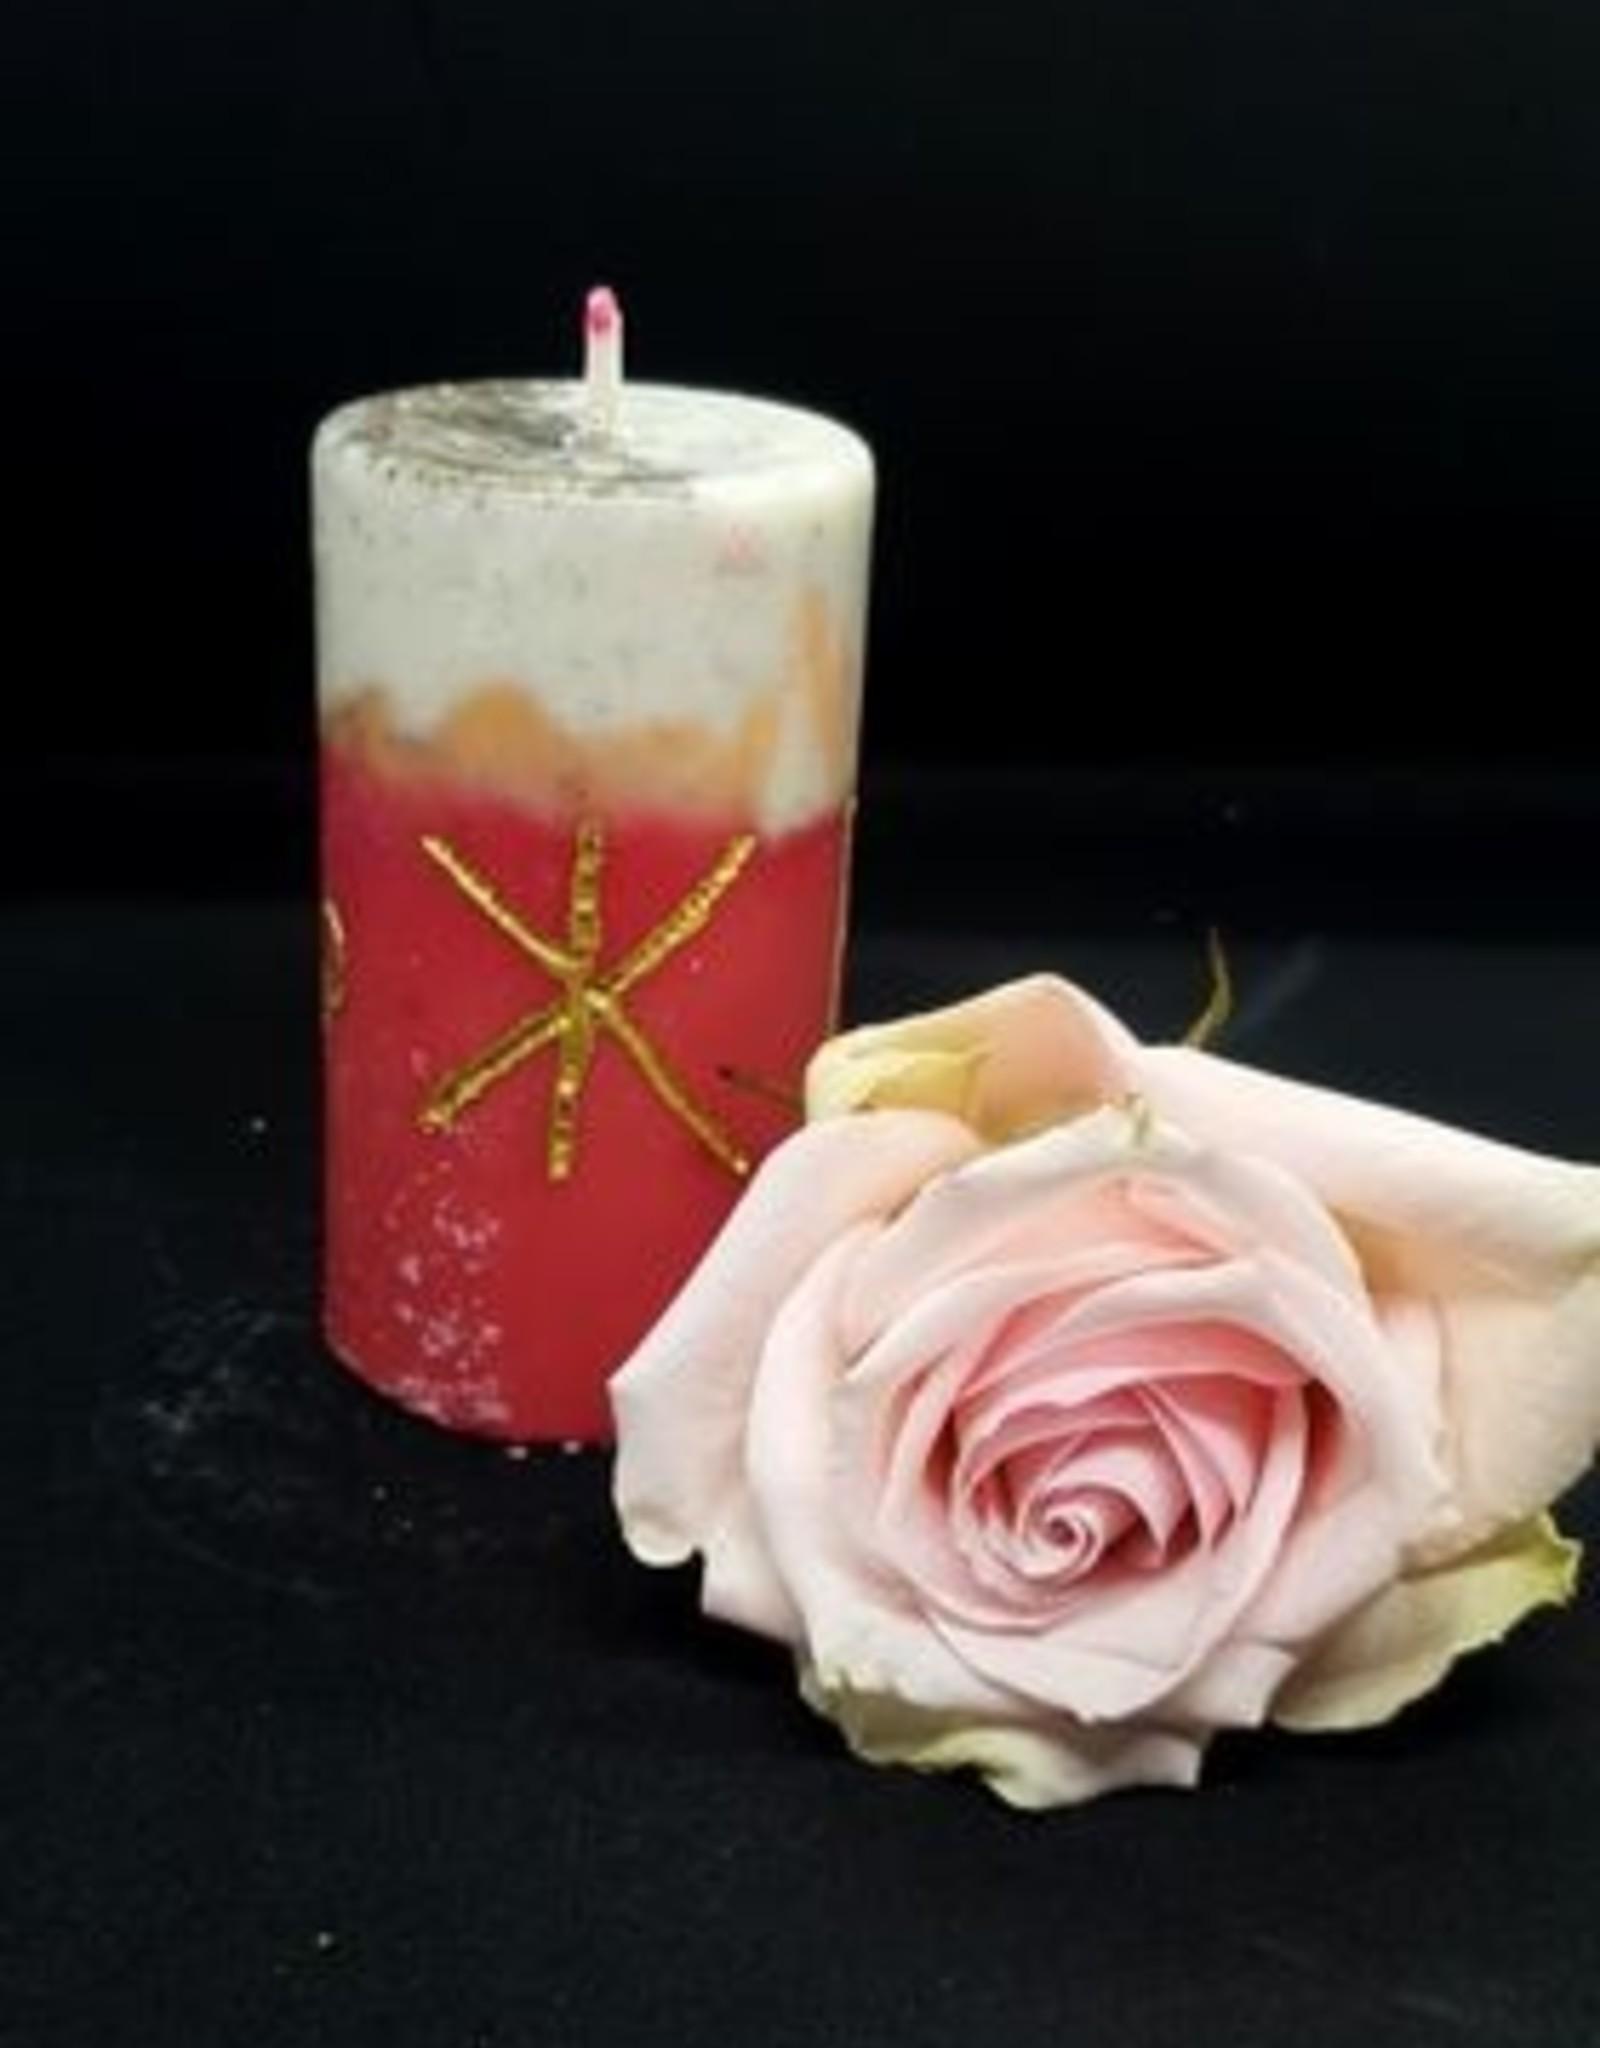 seazido - wevyra candle for regaining strength (energy)